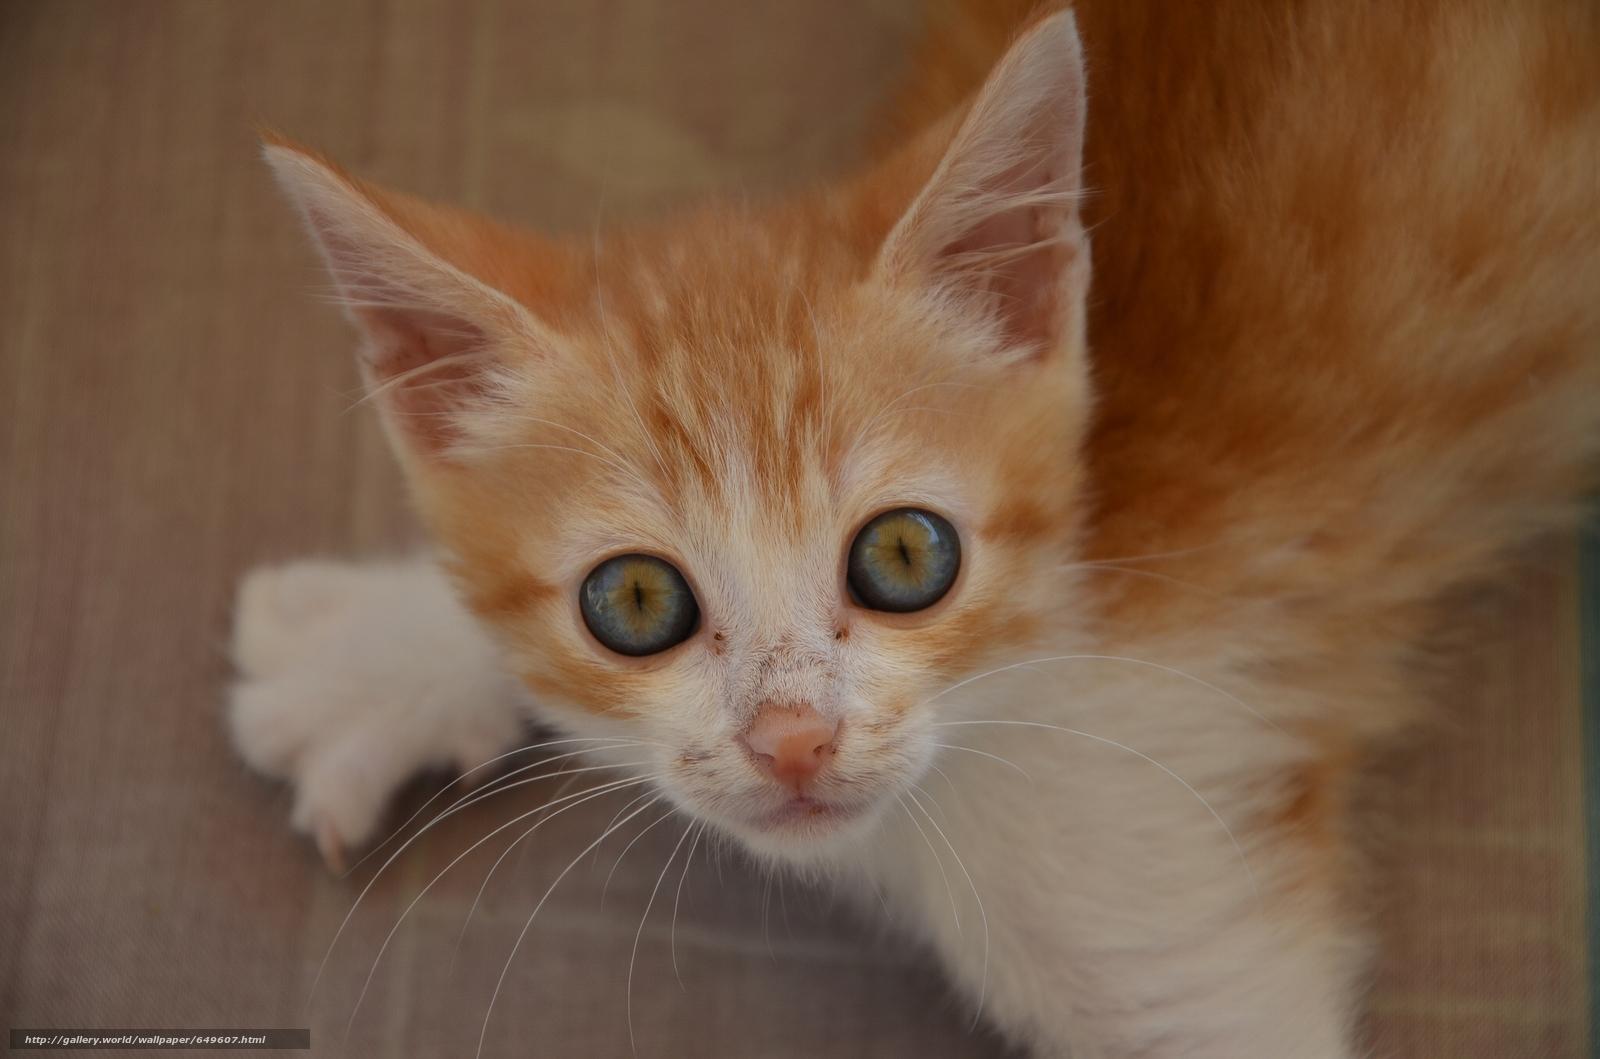 Tlcharger Fond d'ecran gingembre chaton,  chaton,  Rouge,  museau Fonds d'ecran gratuits pour votre rsolution du bureau 2048x1356 — image №649607